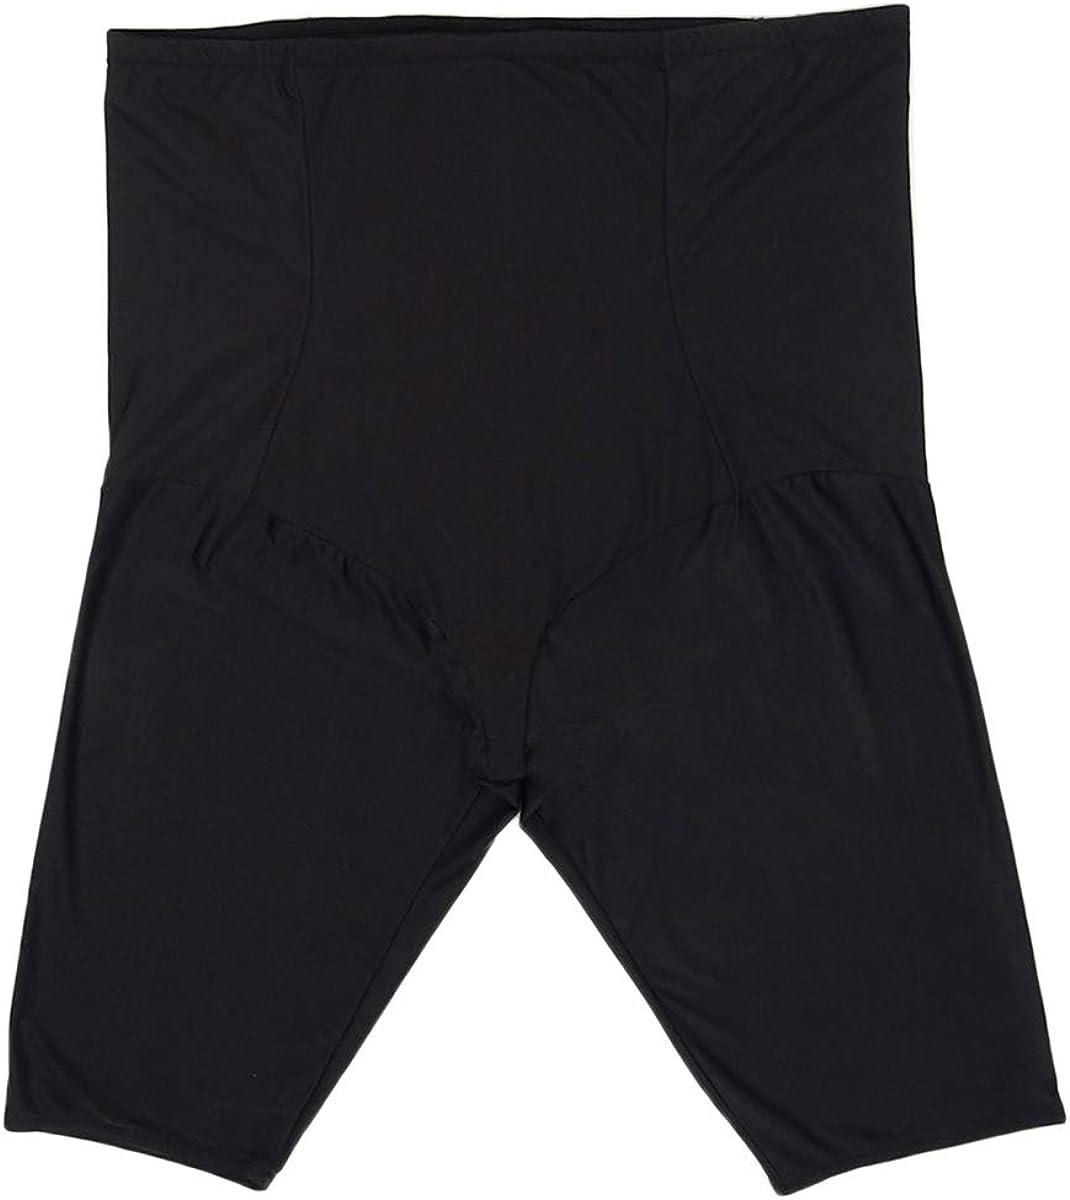 Dominique Womens Claire Medium Control Bodysuit Black 6XL One Size